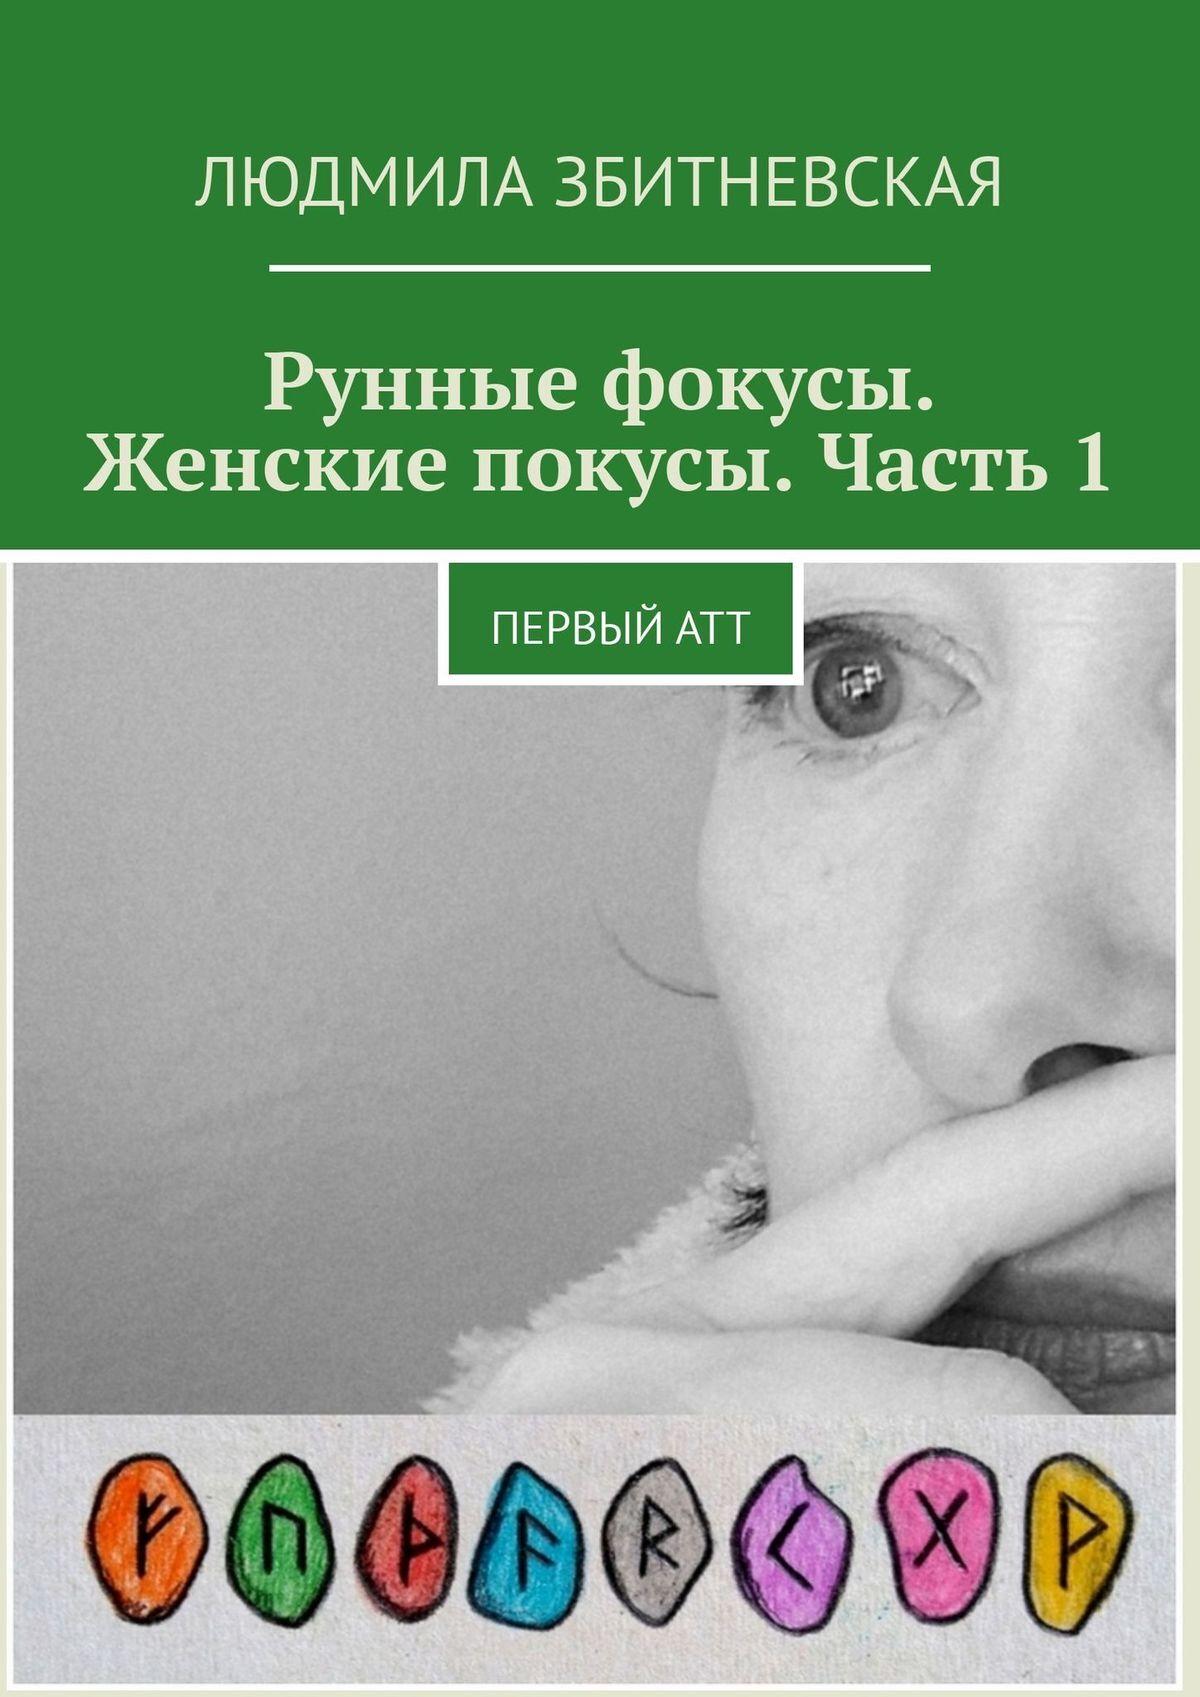 Людмила Збитневская. Рунные фокусы. Женские покусы. Часть1